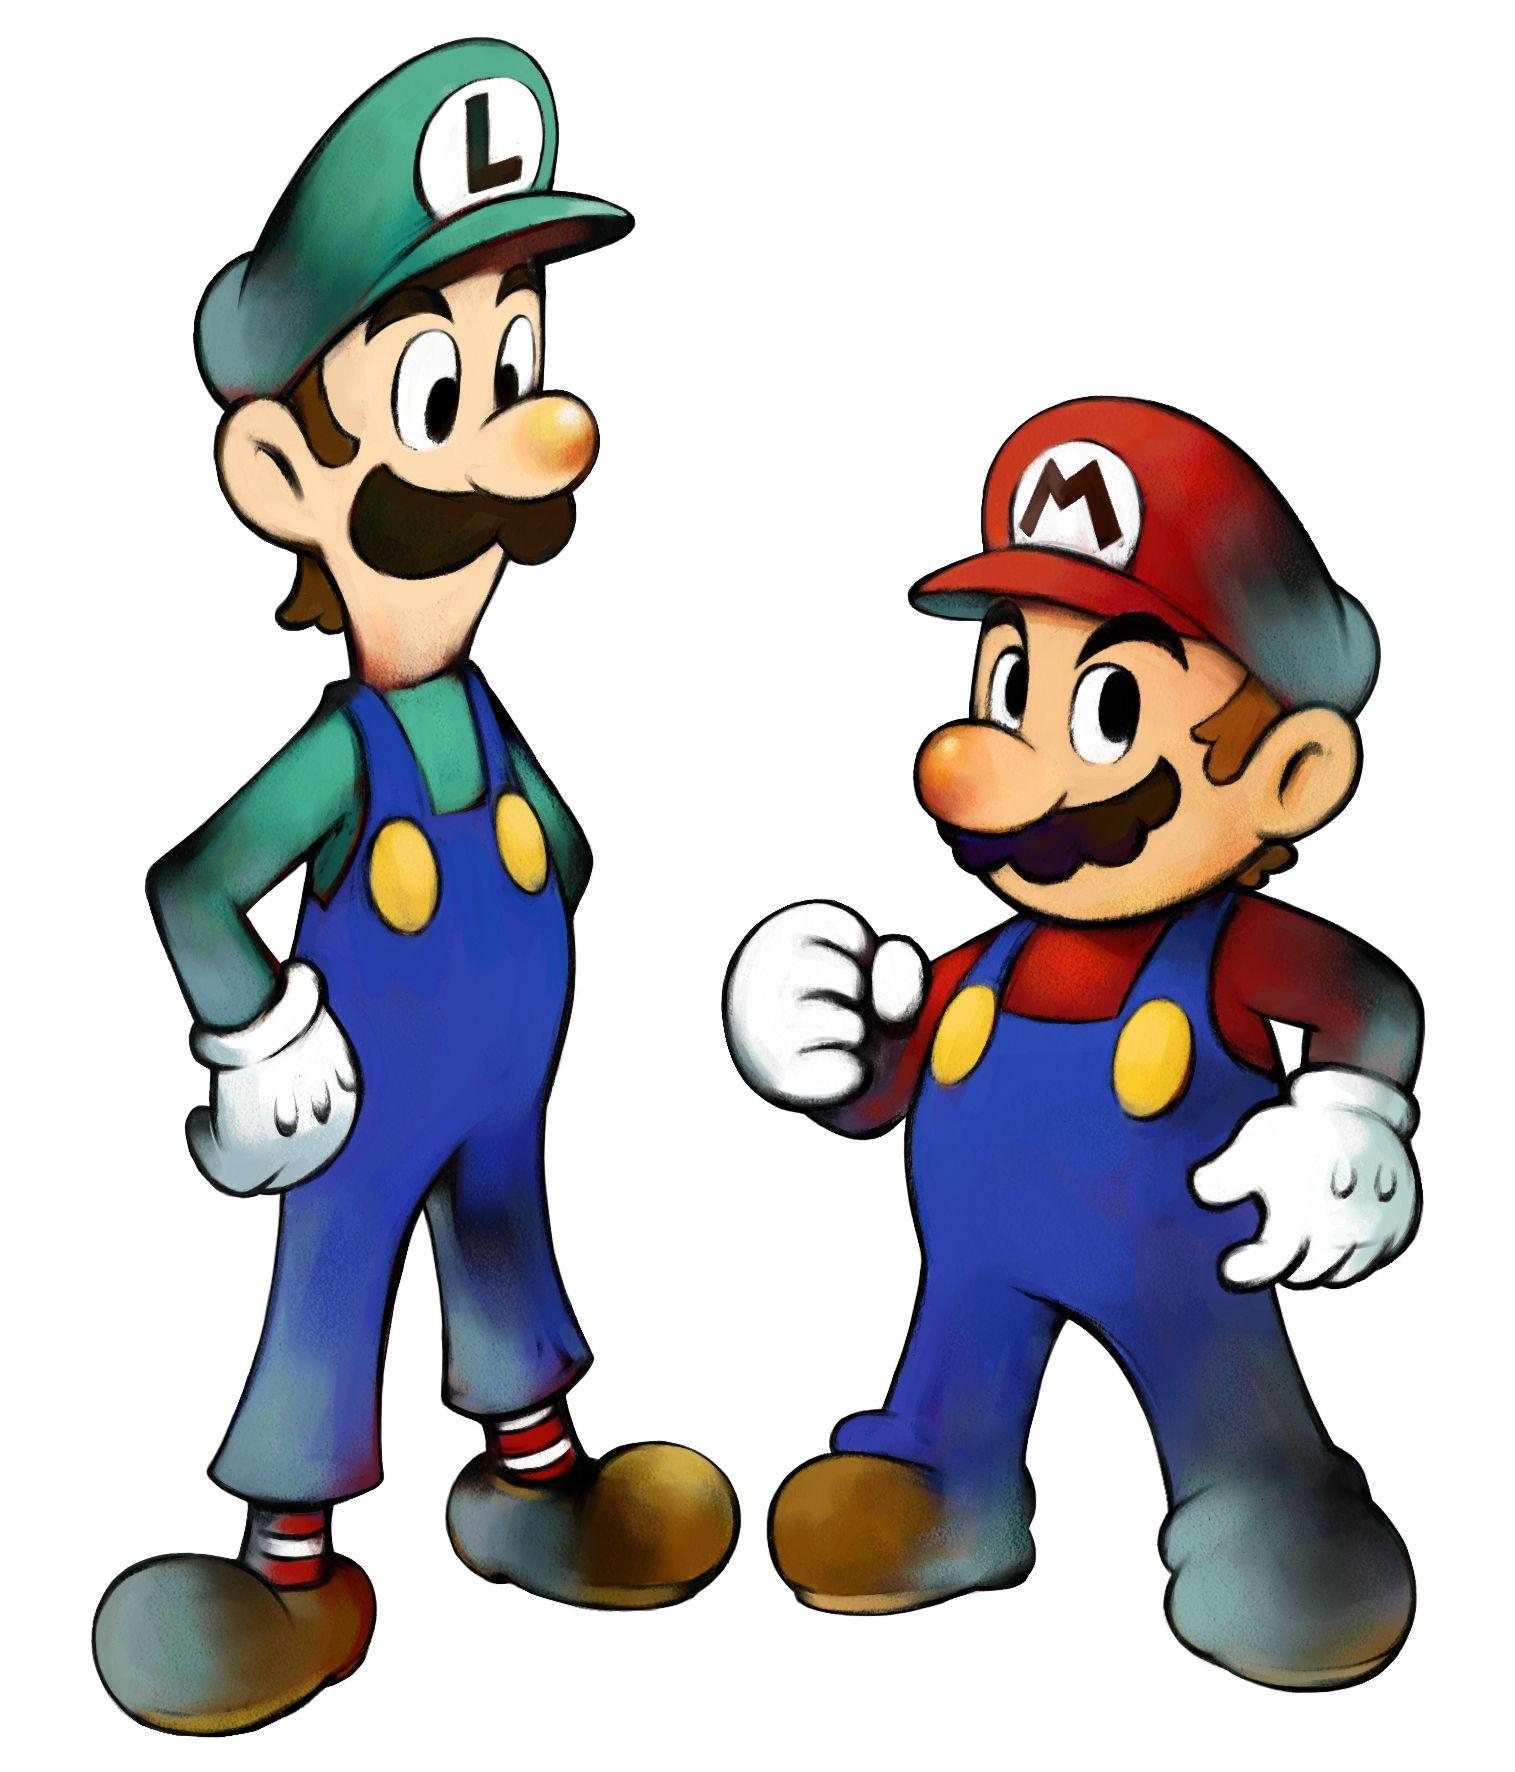 mario and luigi super mario